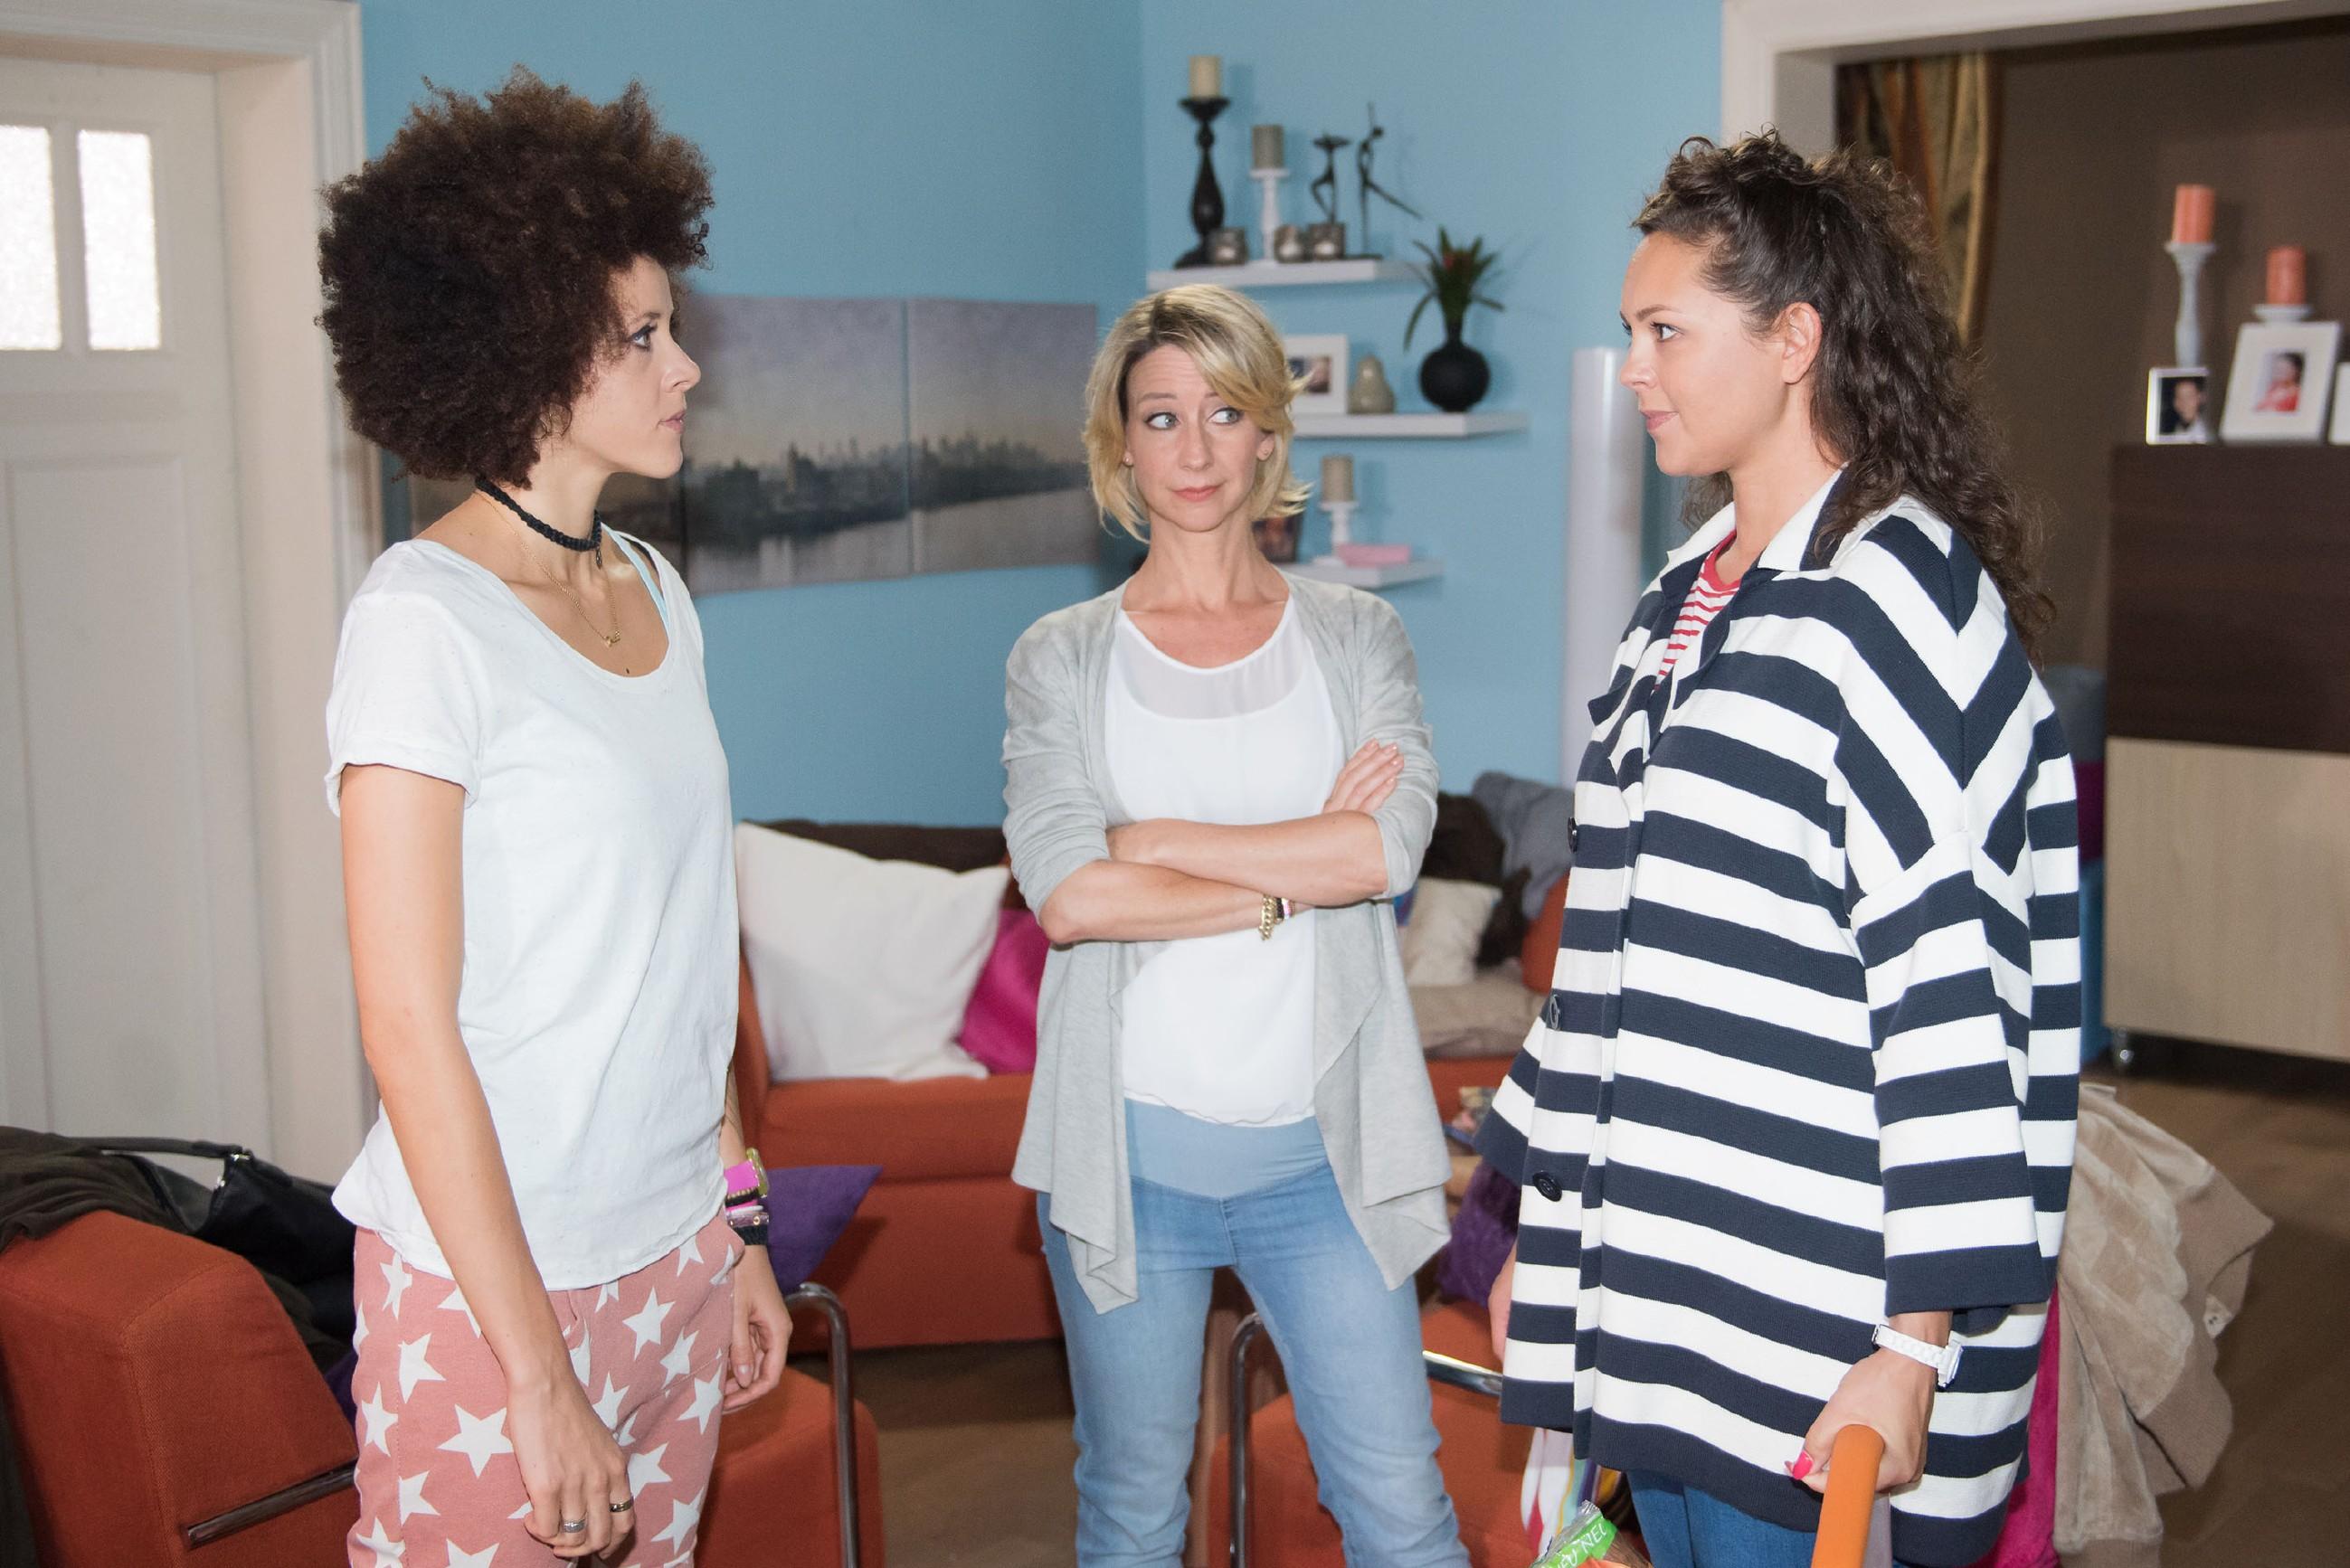 Caro (Ines Kurenbach, r.) trifft im Beisein von Ute (Isabell Hertel, M.) unverhofft auf Micki (Joy Lee Juana Abiola-Müller), die Noch-Ehefrau ihres neuen Freundes. (Quelle: RTL / Stefan Behrens)